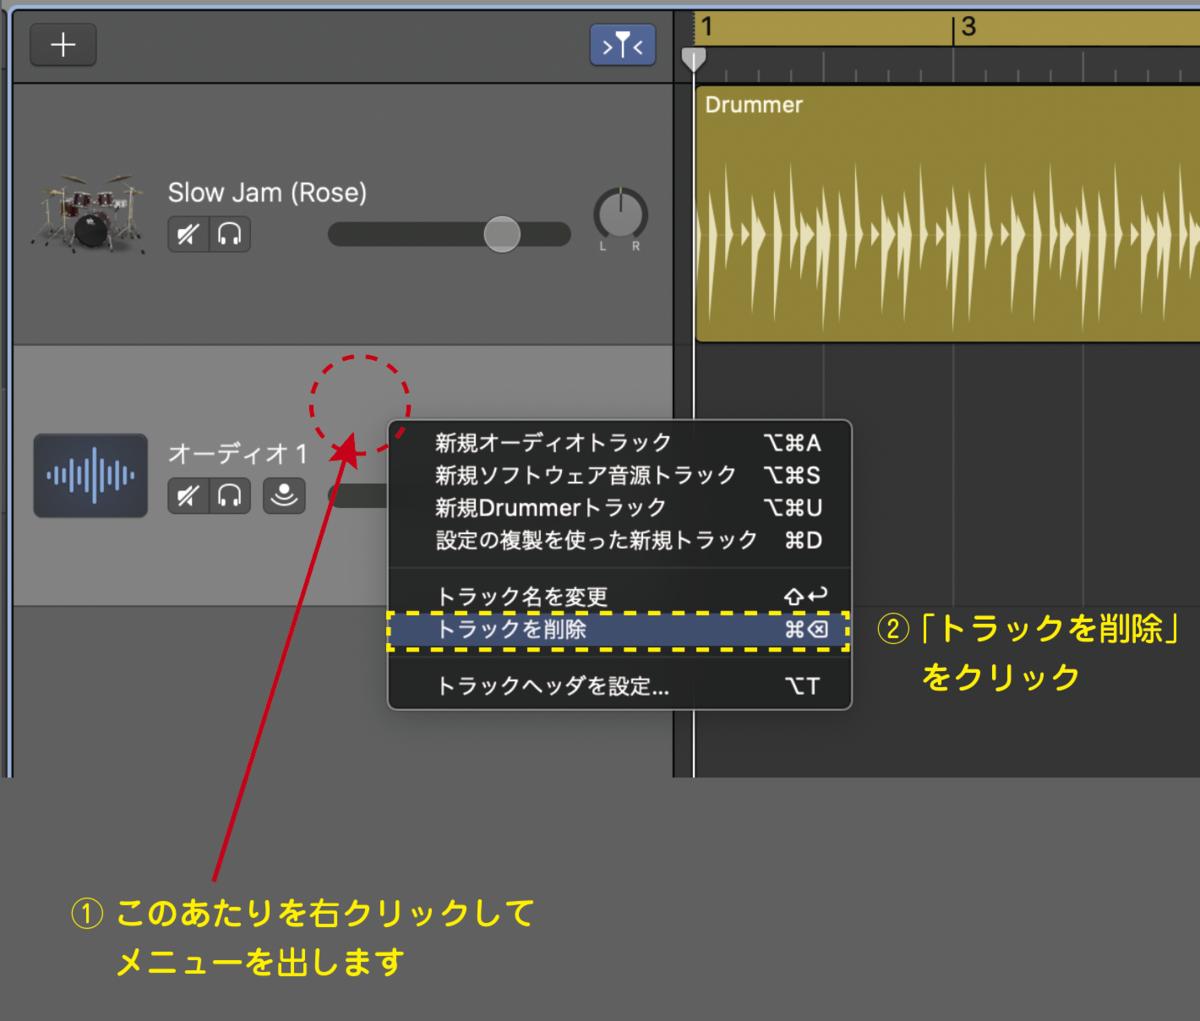 f:id:Hamakichi:20200530173352p:plain